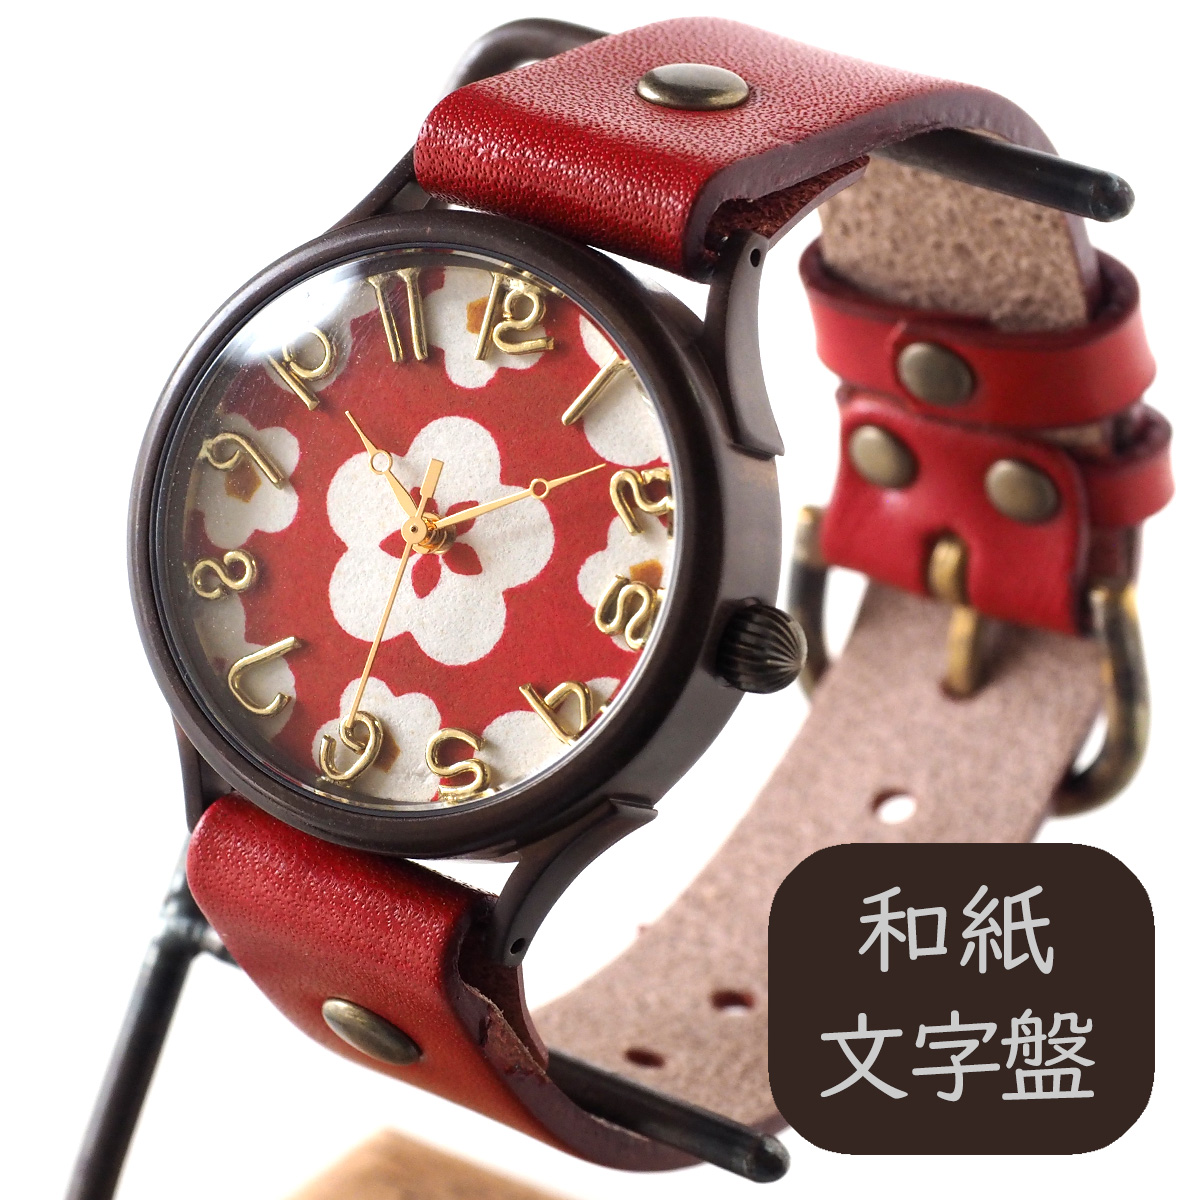 """""""手作り腕時計 """"和tch"""" 和紙文字盤 梅 レッド Lサイズ [WJ-004L-RD]"""